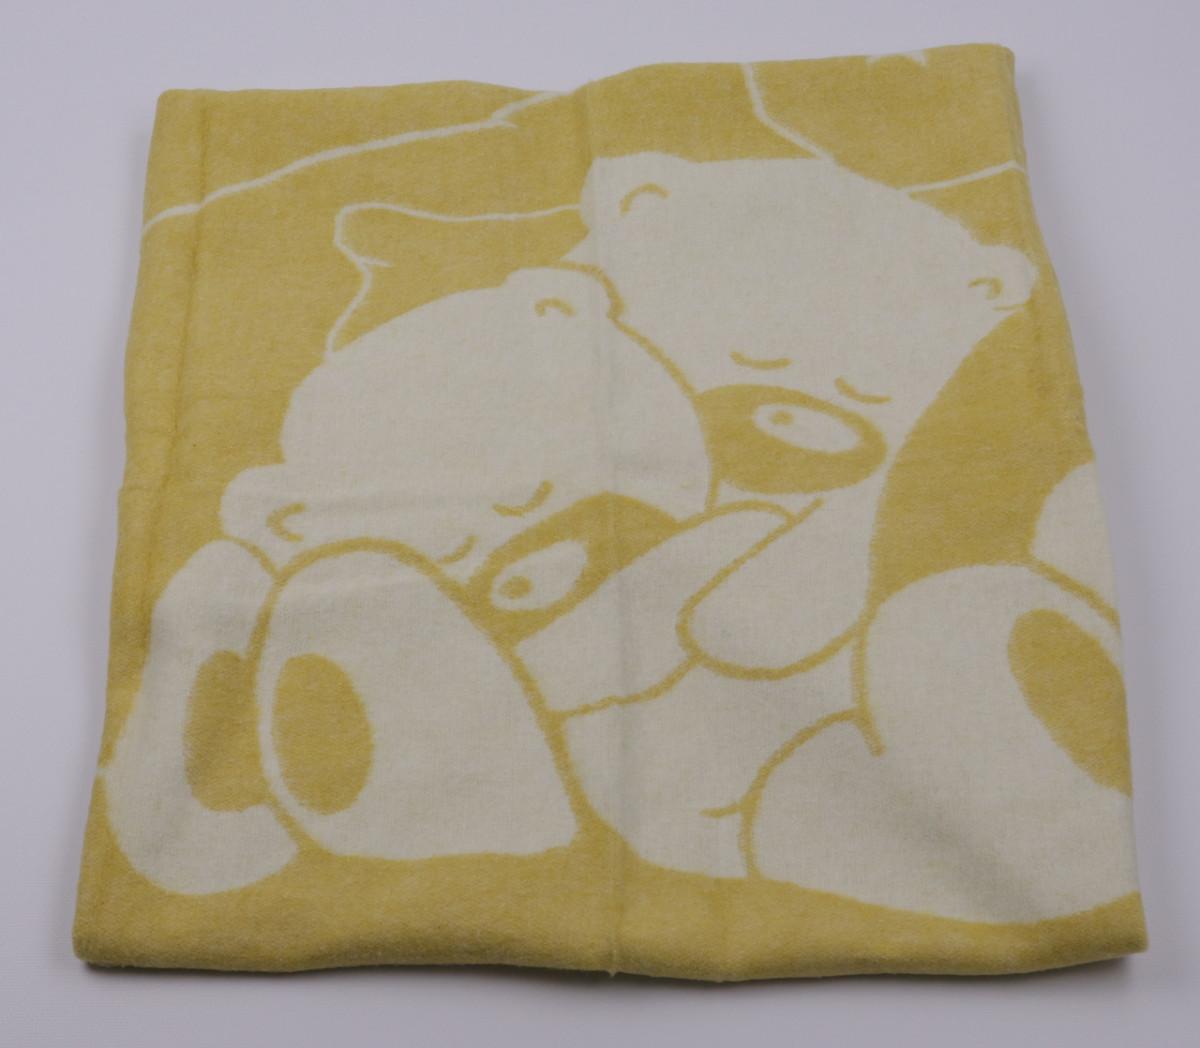 Одеяло жаккардовое детское хлопковое Vladi (Влади) Желтый 100х140 Хлопок 50 (3069)